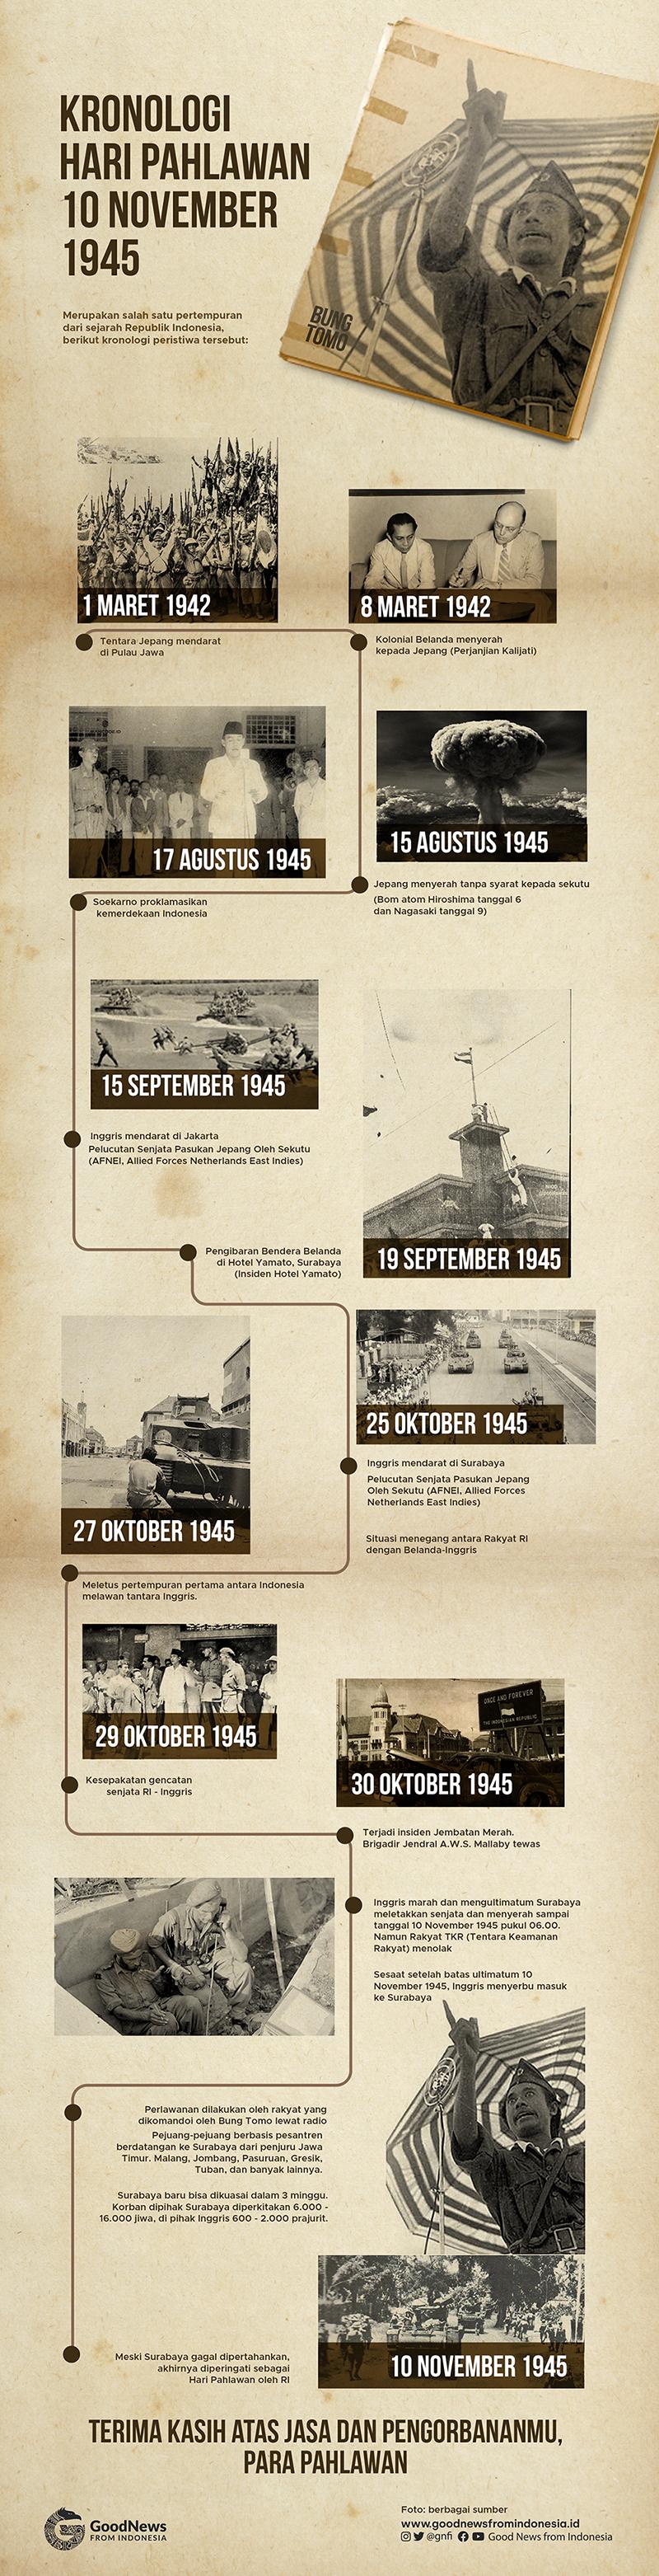 Kronologi Pertempuran Surabaya 10 November 1945 yang Kemudian Dikenal Sebagai Hari Pahlawan